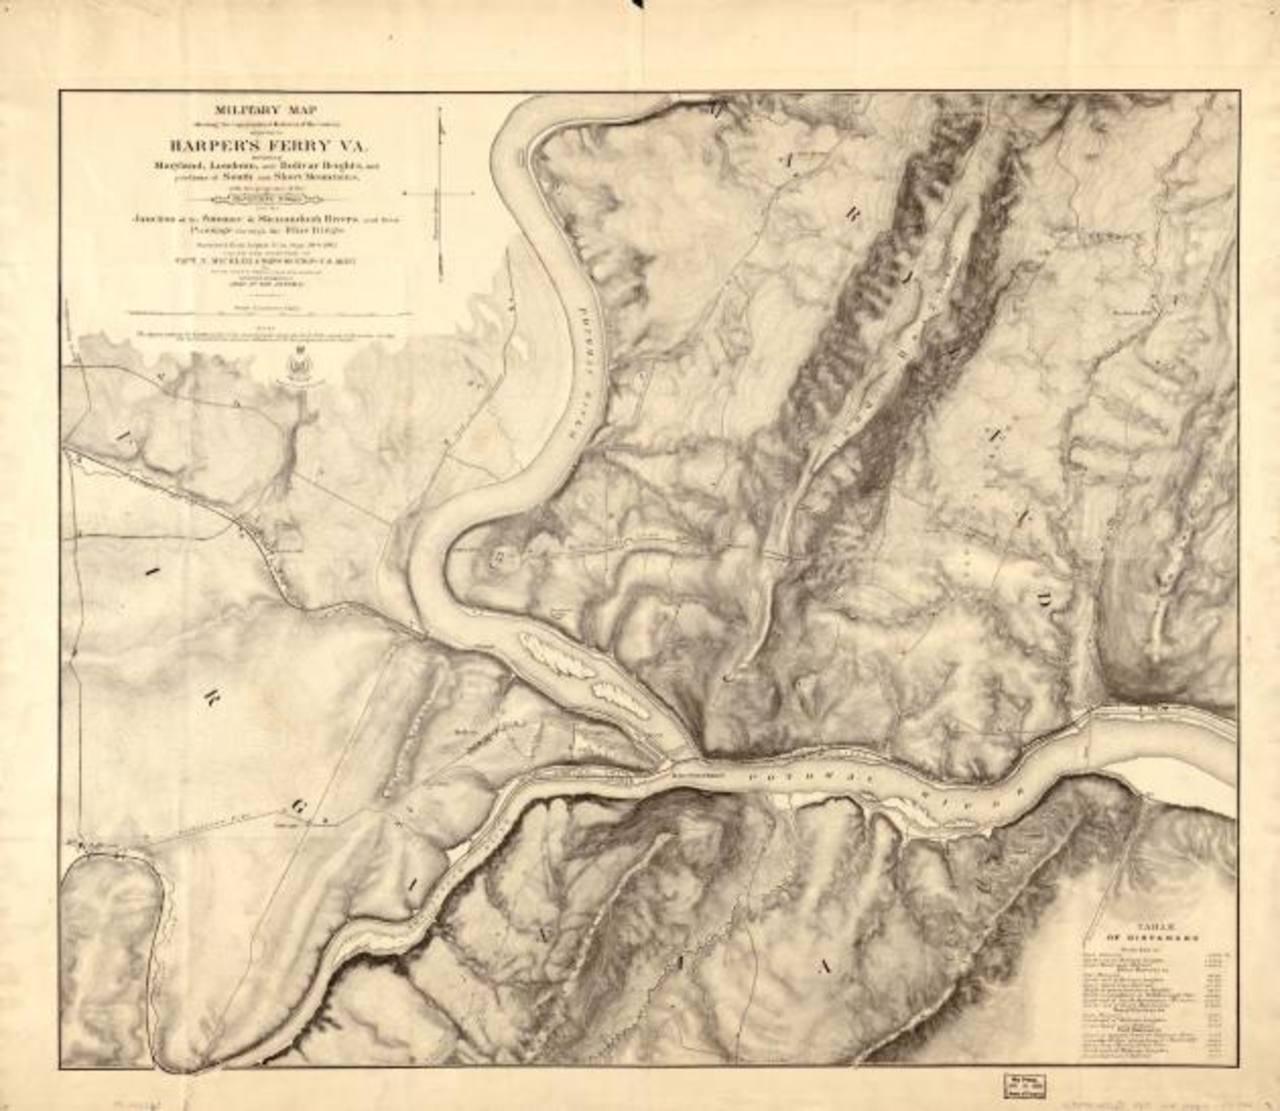 Mapa militar del lugar conservado en la Biblioteca del Congreso de Estados Unidos, en Washington.Soldados federados hacen una demostración a los visitantes del armamento utilizado en la Guerra Civil.Documentos que describen la importancia de Hapers F